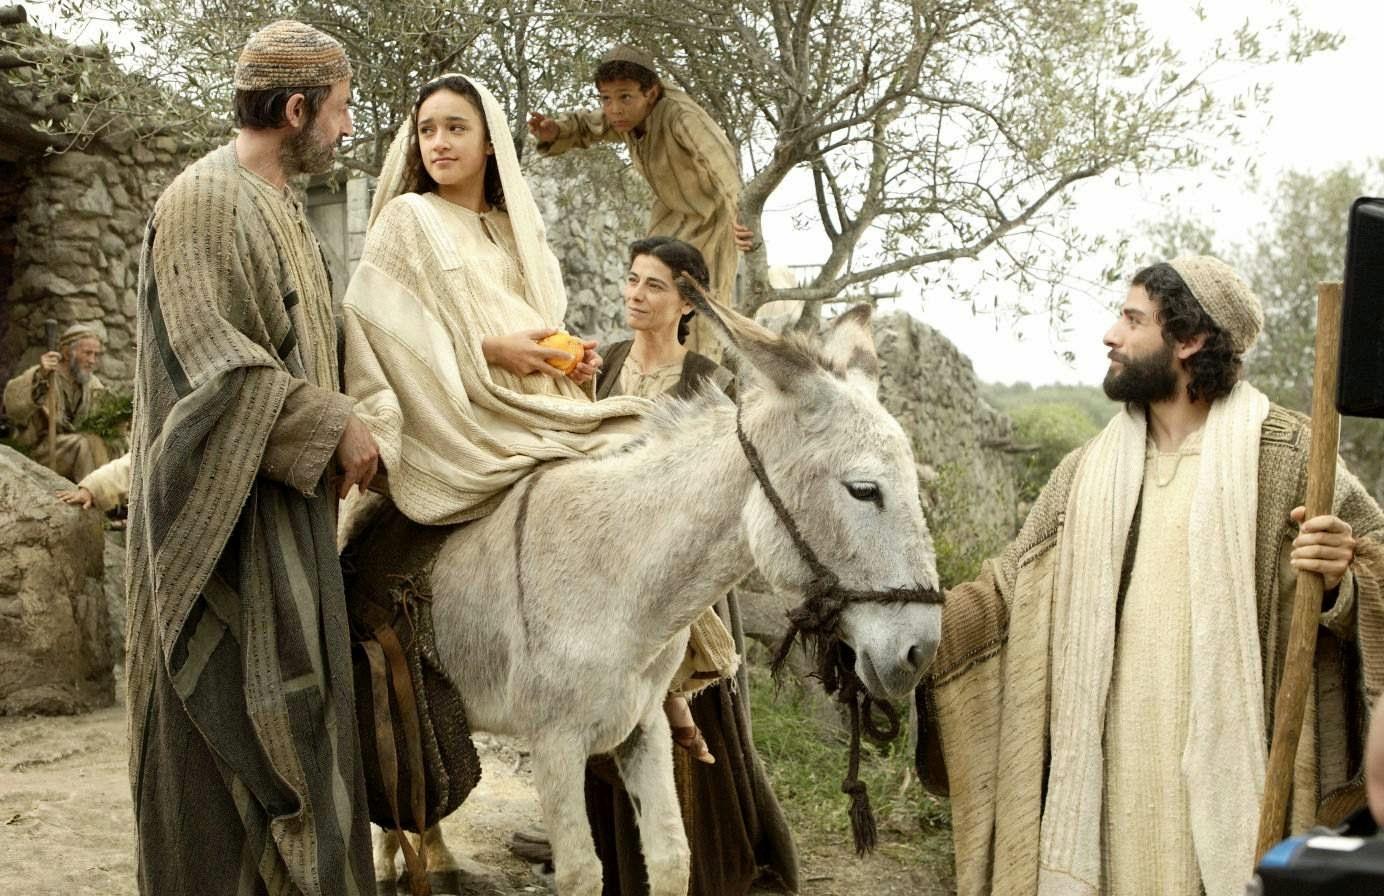 CLICK AQUI Jesus A História do Nascimento Jesus A História do Nascimento Jesus 2B 2BA 2BHist C3 B3ria 2Bdo 2BNascimento